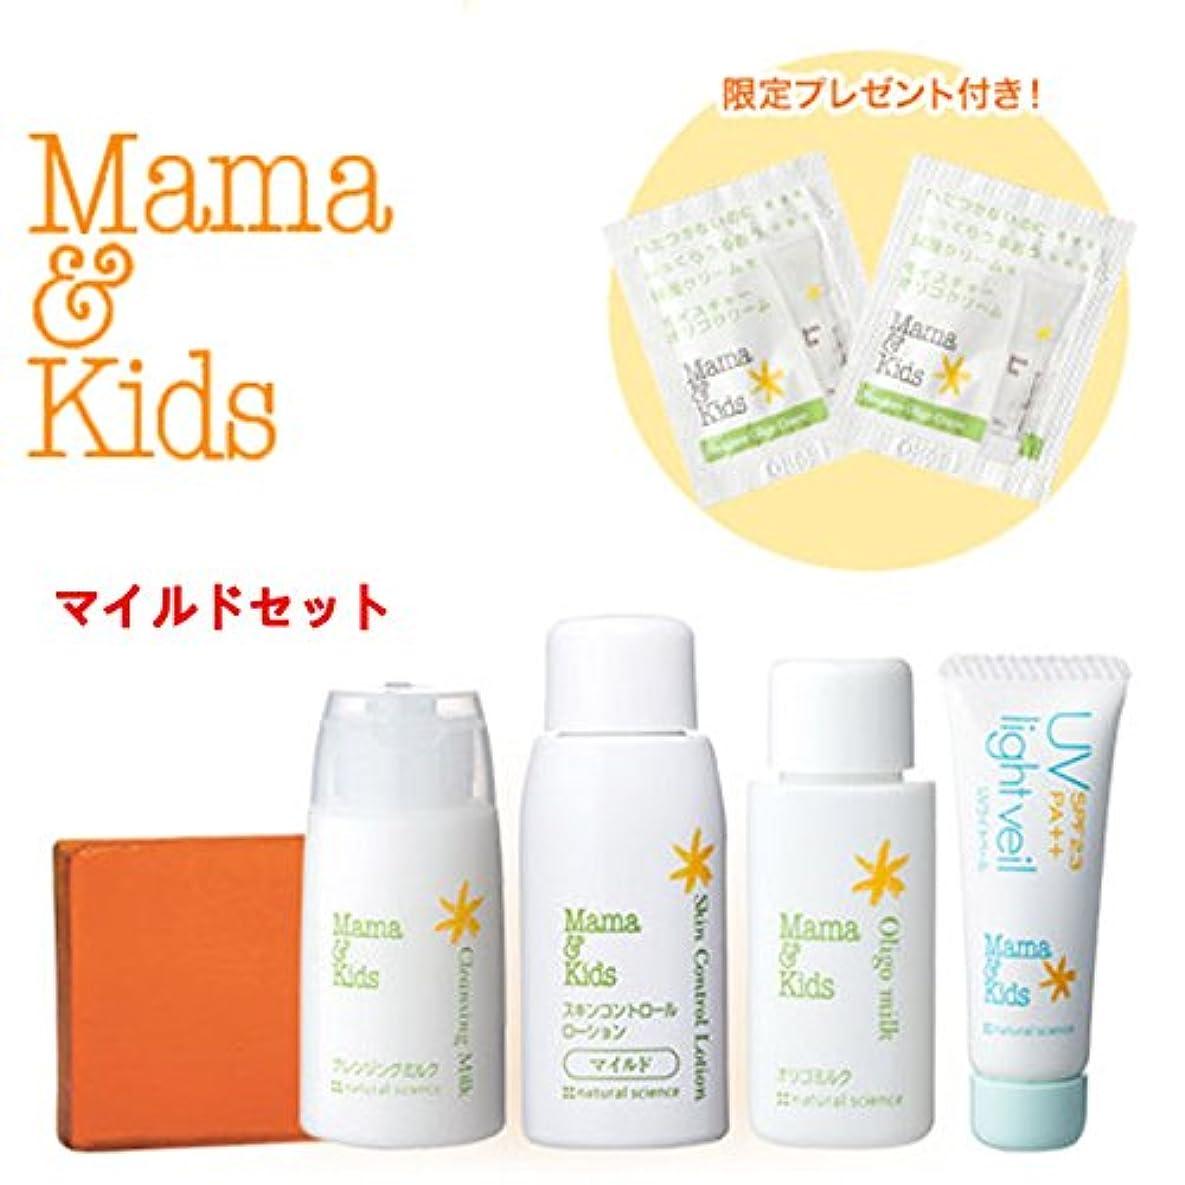 フォーム割合長いですママ&キッズぷるぷるお肌トライアルセット(マイルド)/Mama&Kids SkinCare Travel set/孕期基础护肤试用装普通保湿